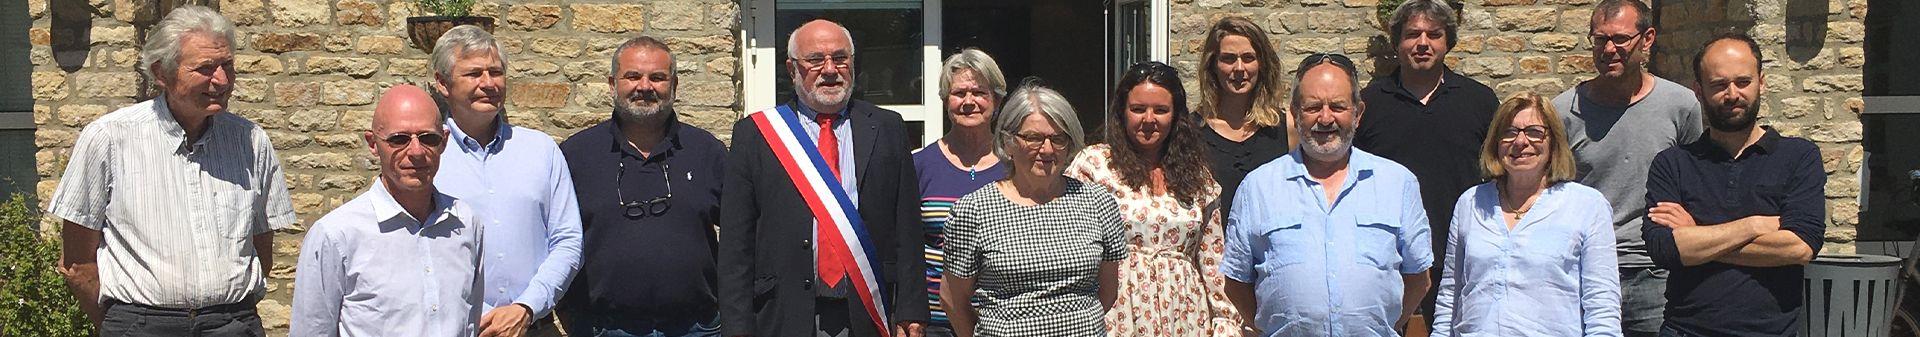 Conseil municipal île-aux-moines - slider